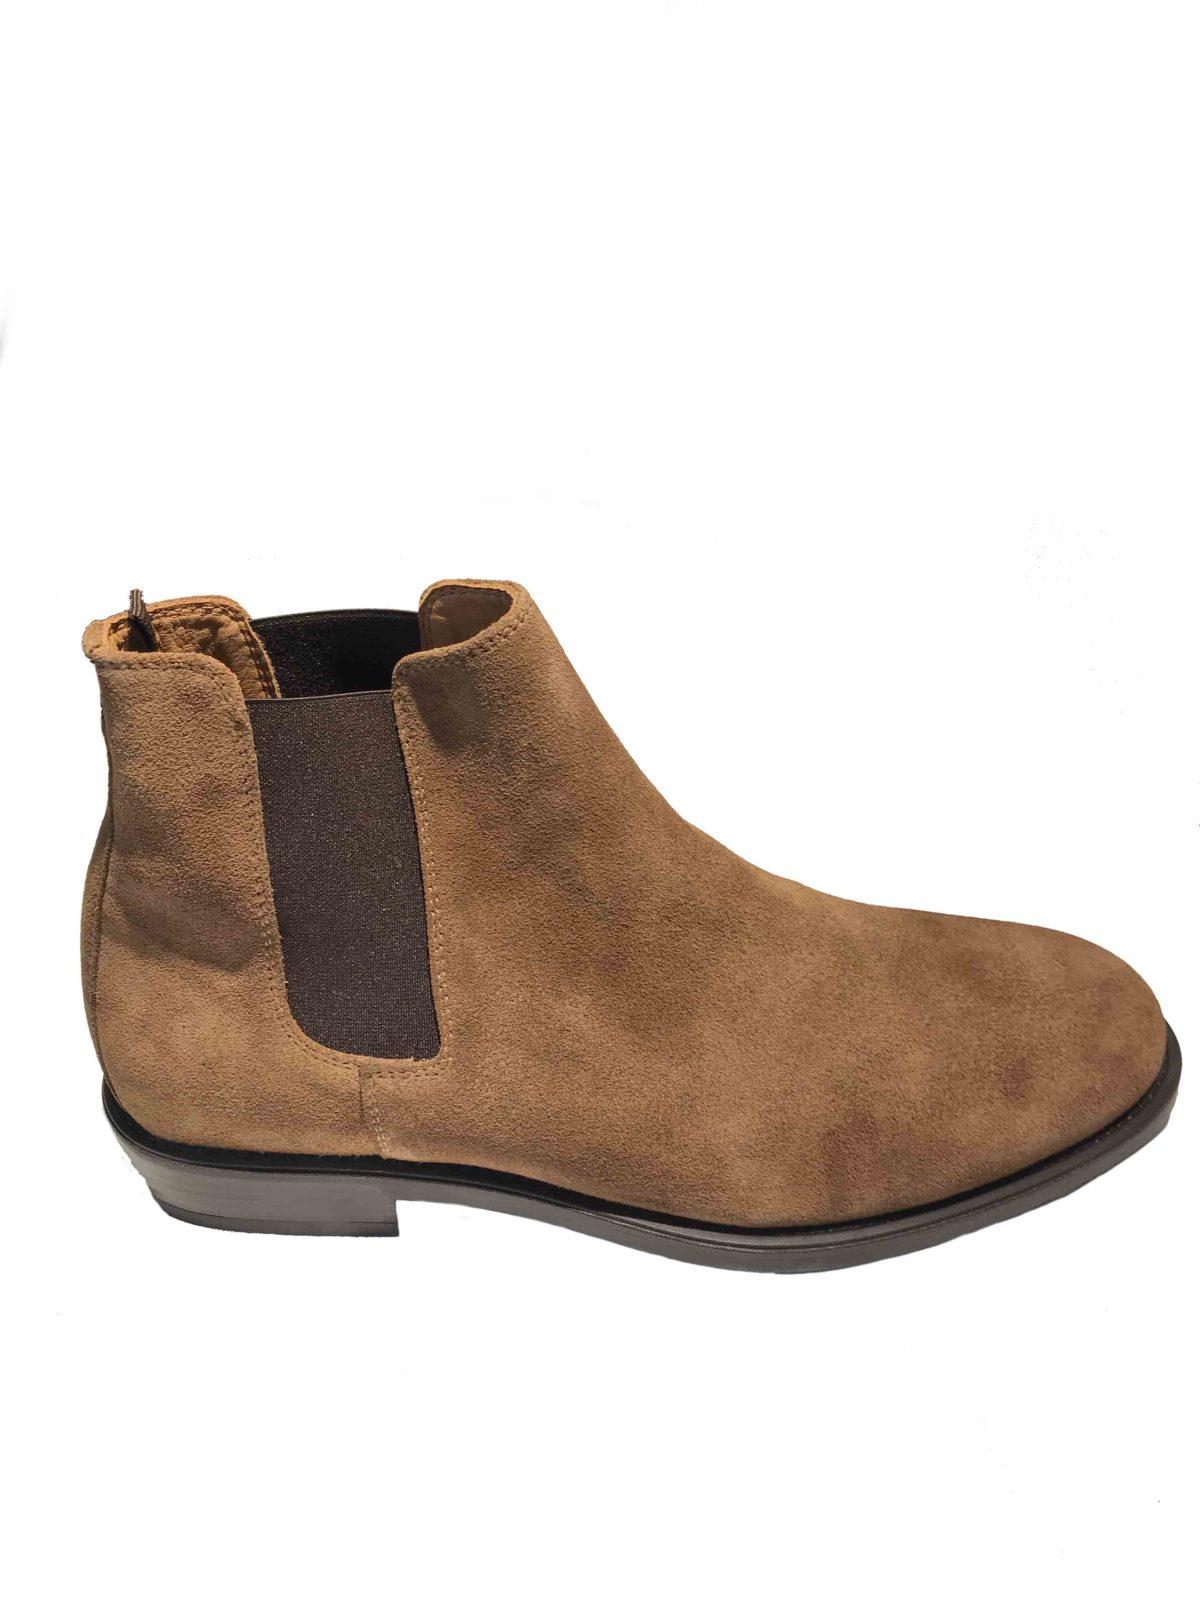 Ben Brown | BB 3170-11 Light brown boot